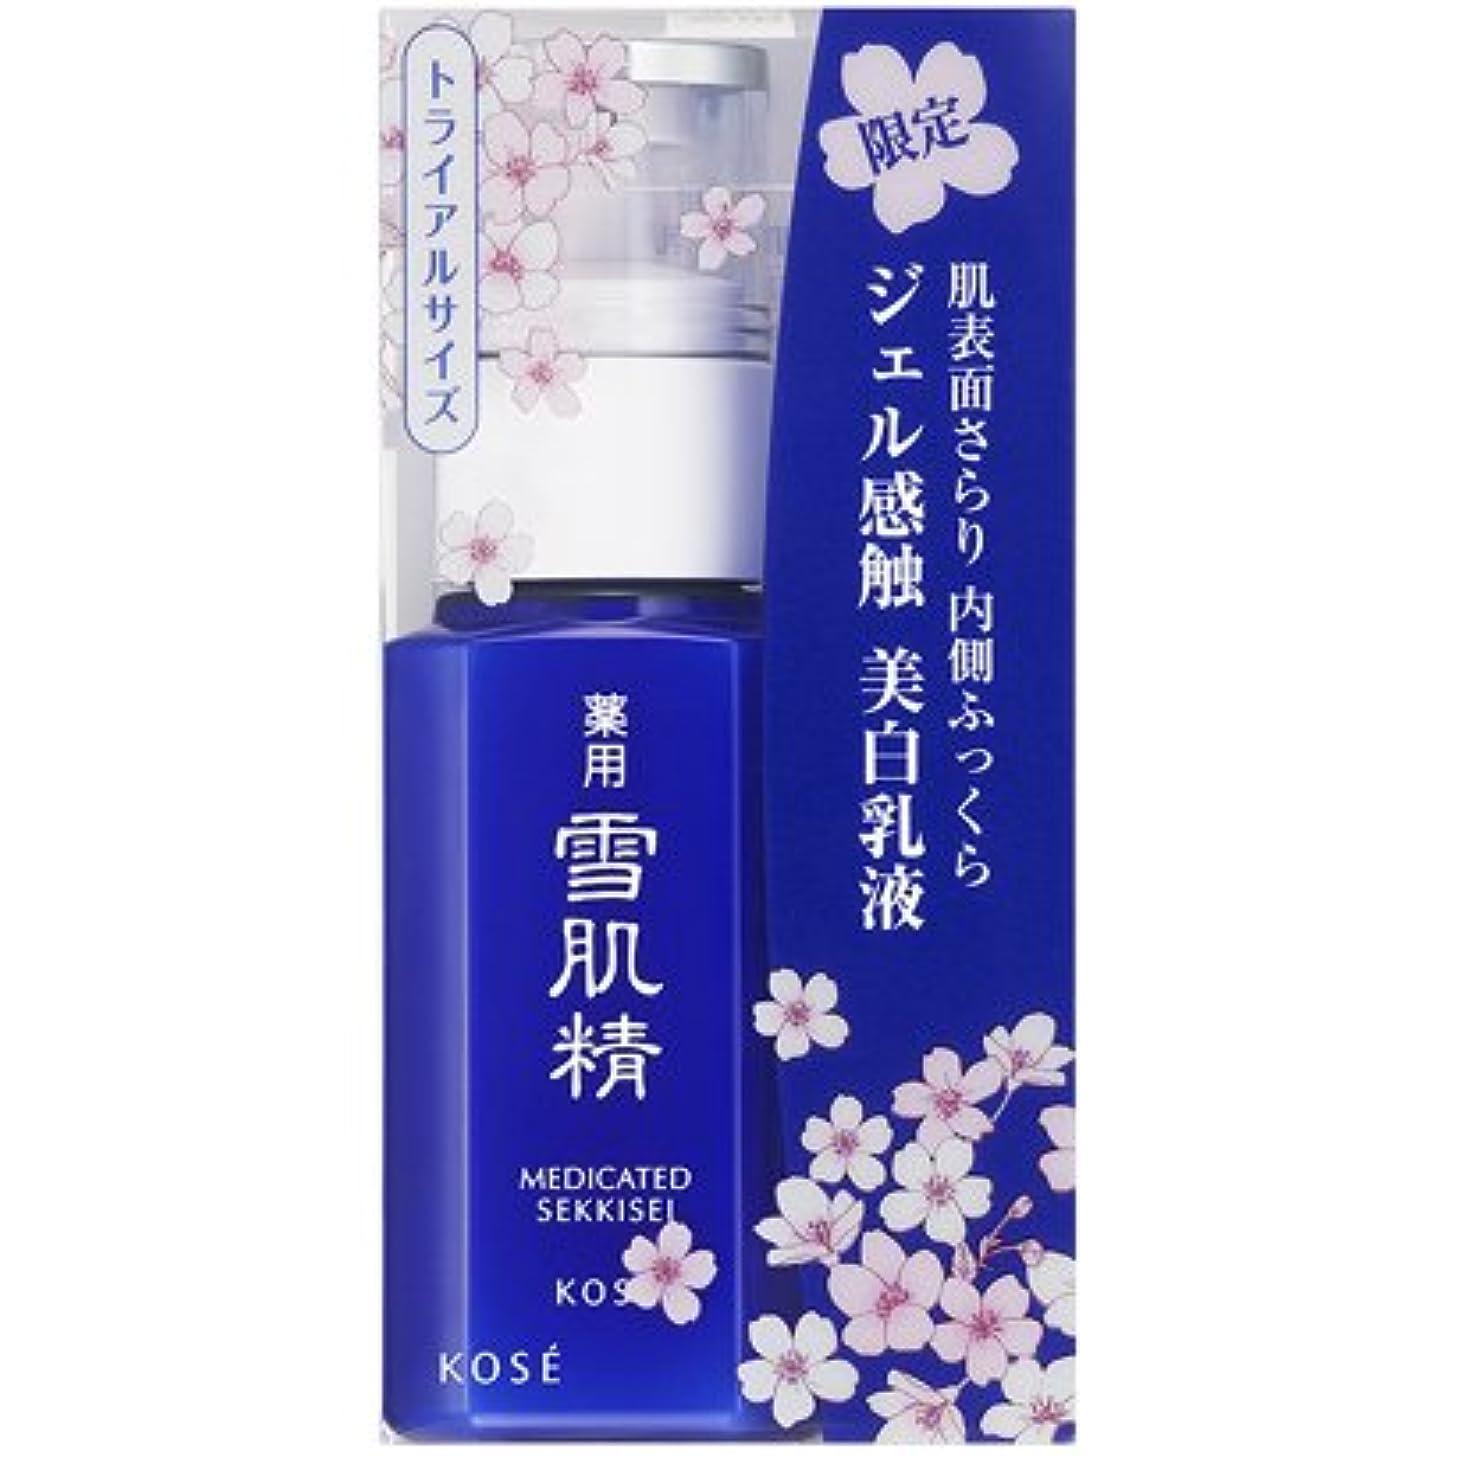 交じる回想バンコーセー 薬用 雪肌精 乳液(ハーフサイズ) 【桜】 70mL